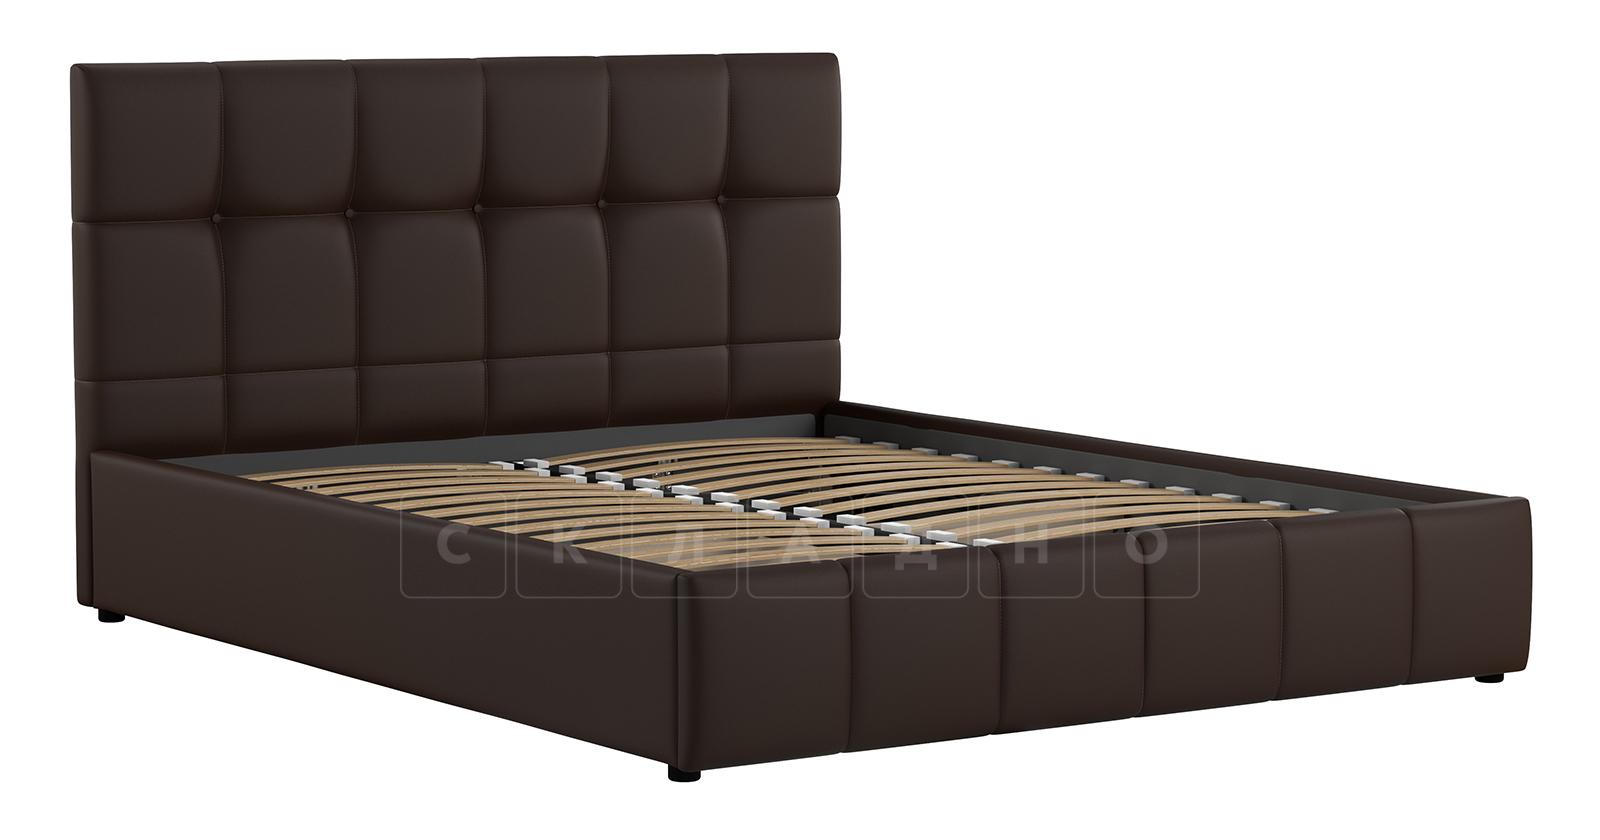 Мягкая кровать Хлоя 160 см шоколад с подъемным механизмом фото 2 | интернет-магазин Складно